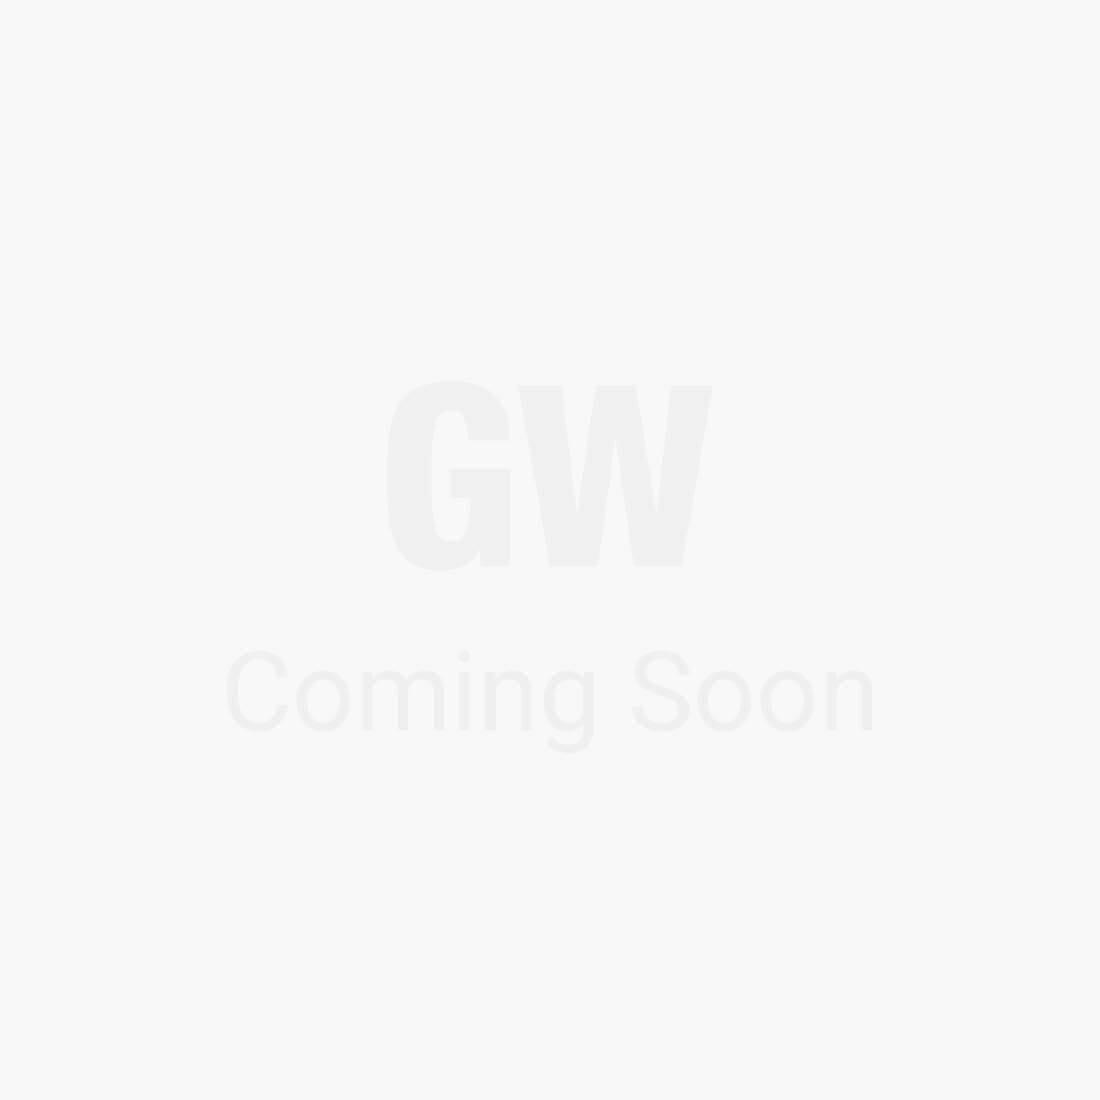 Balthazar Woven Mirror